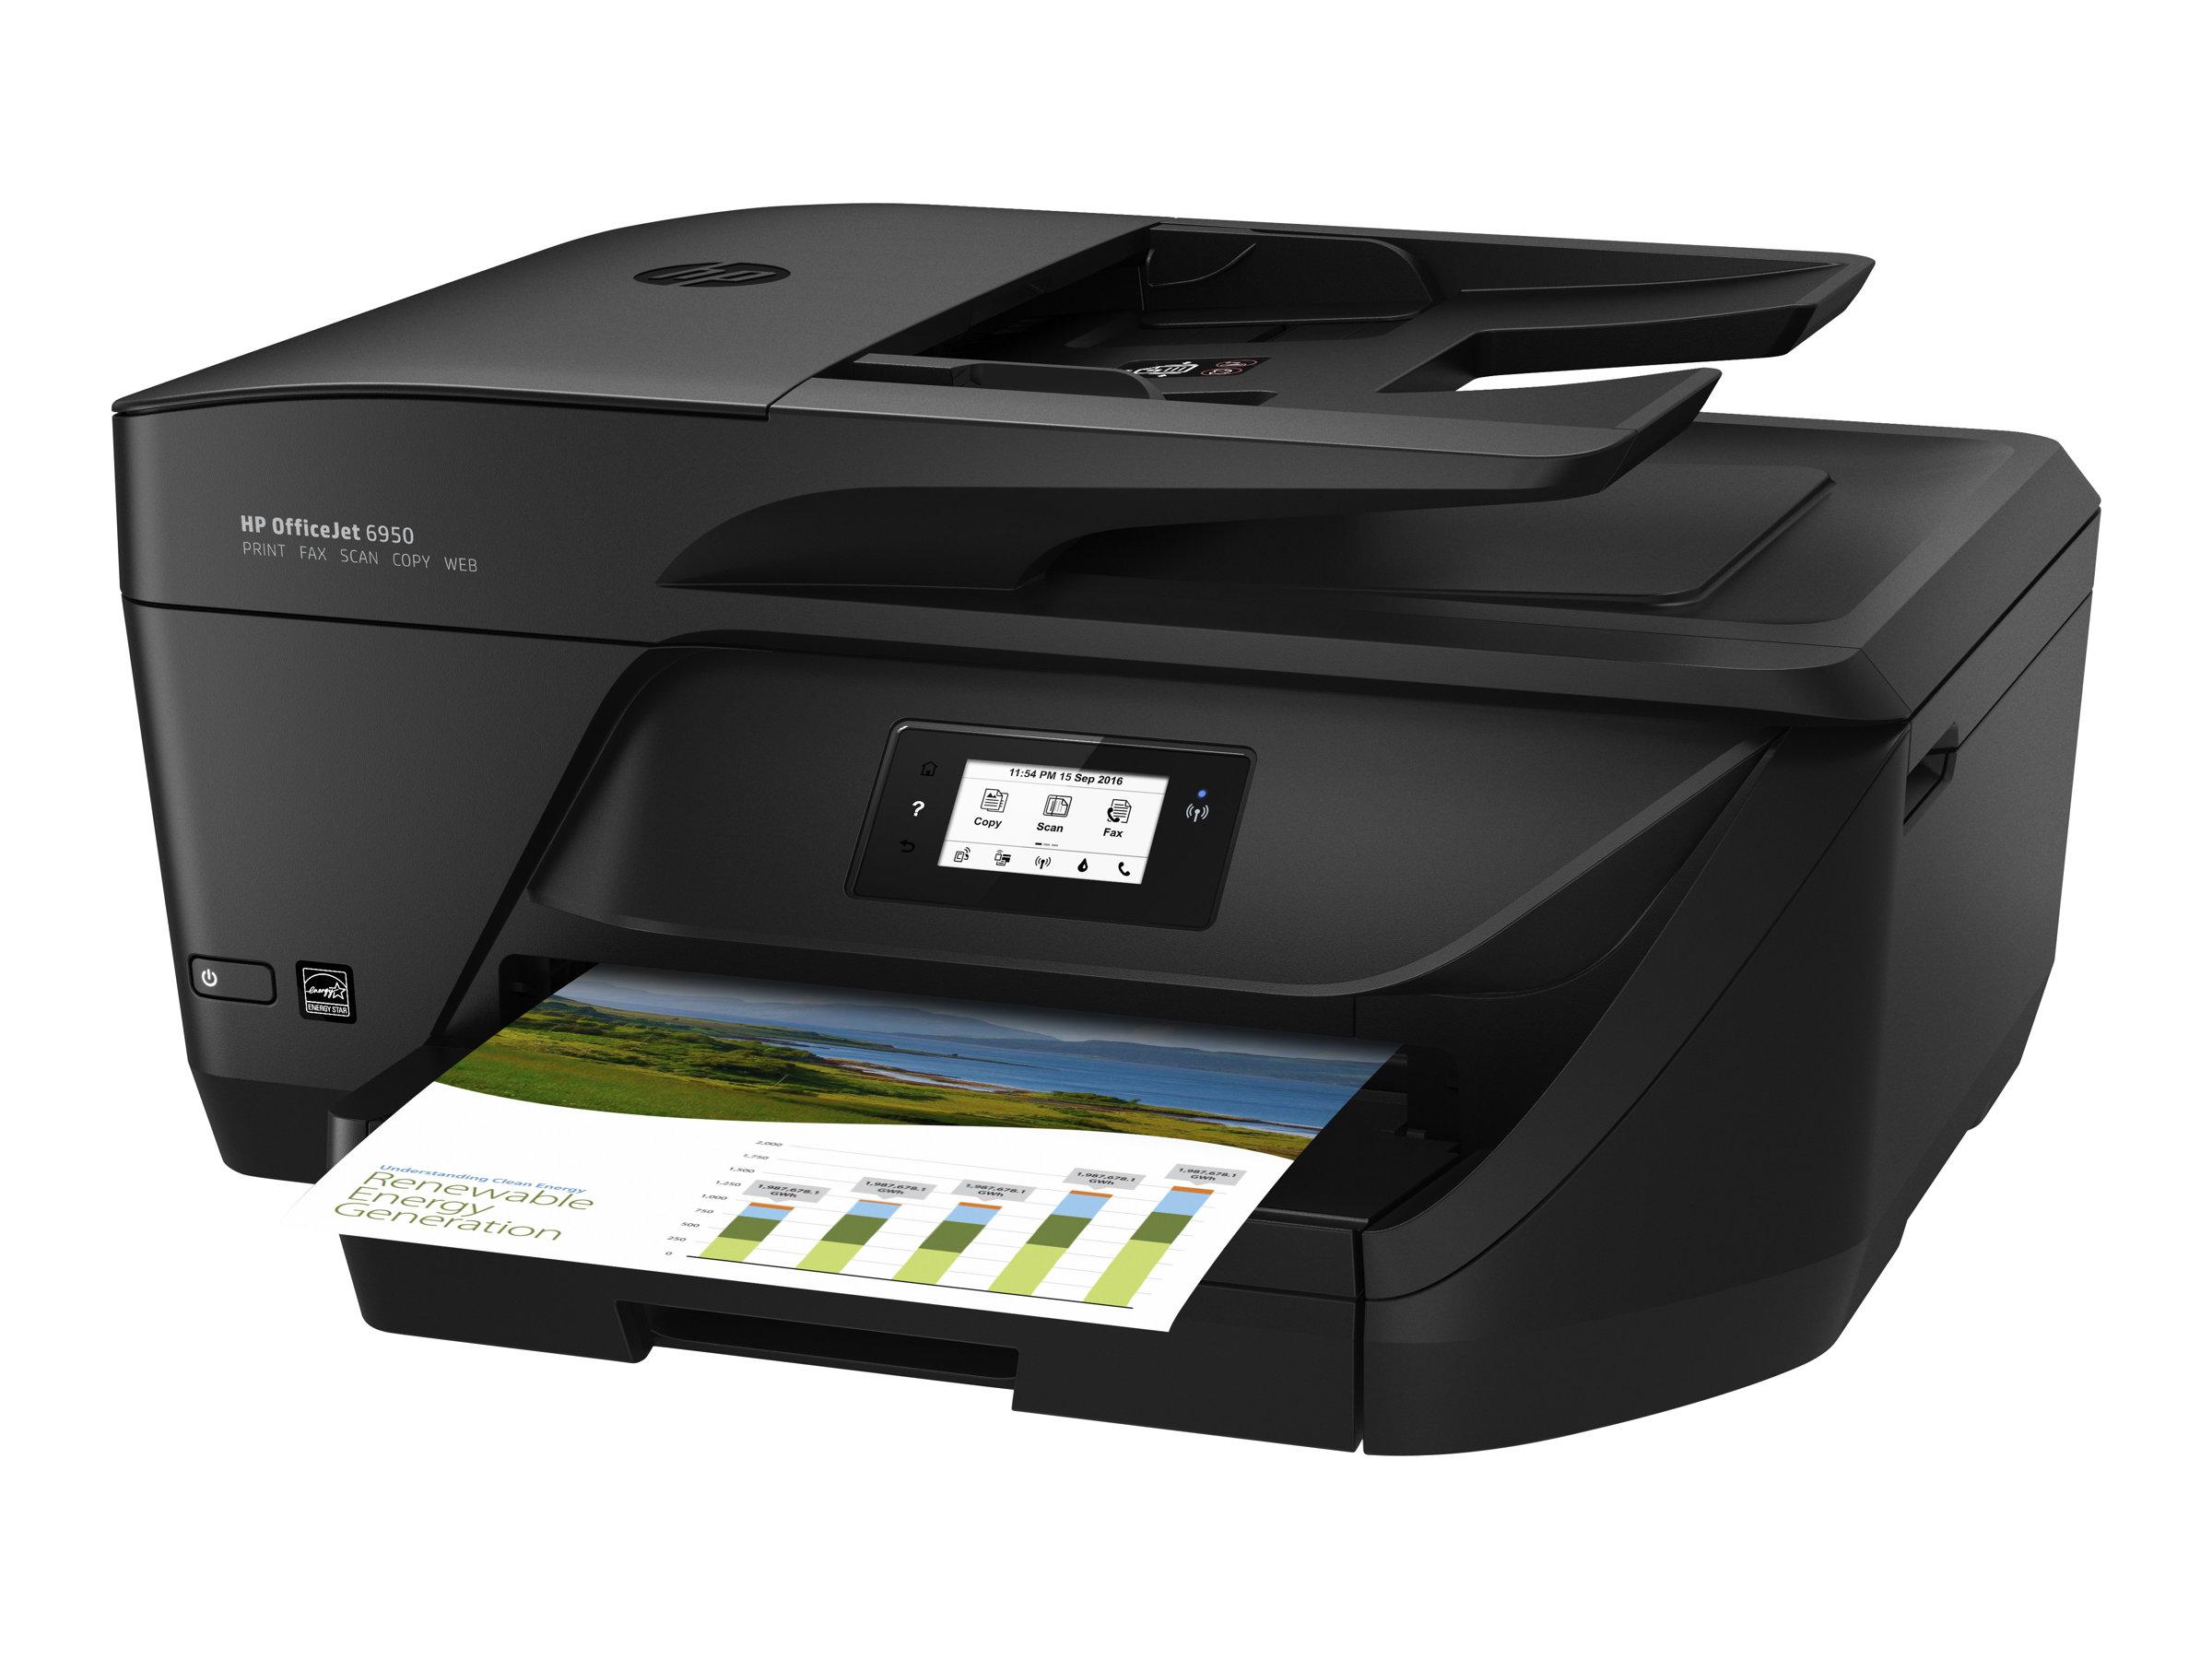 HP Officejet 6950 All-in-One - Multifunktionsdrucker